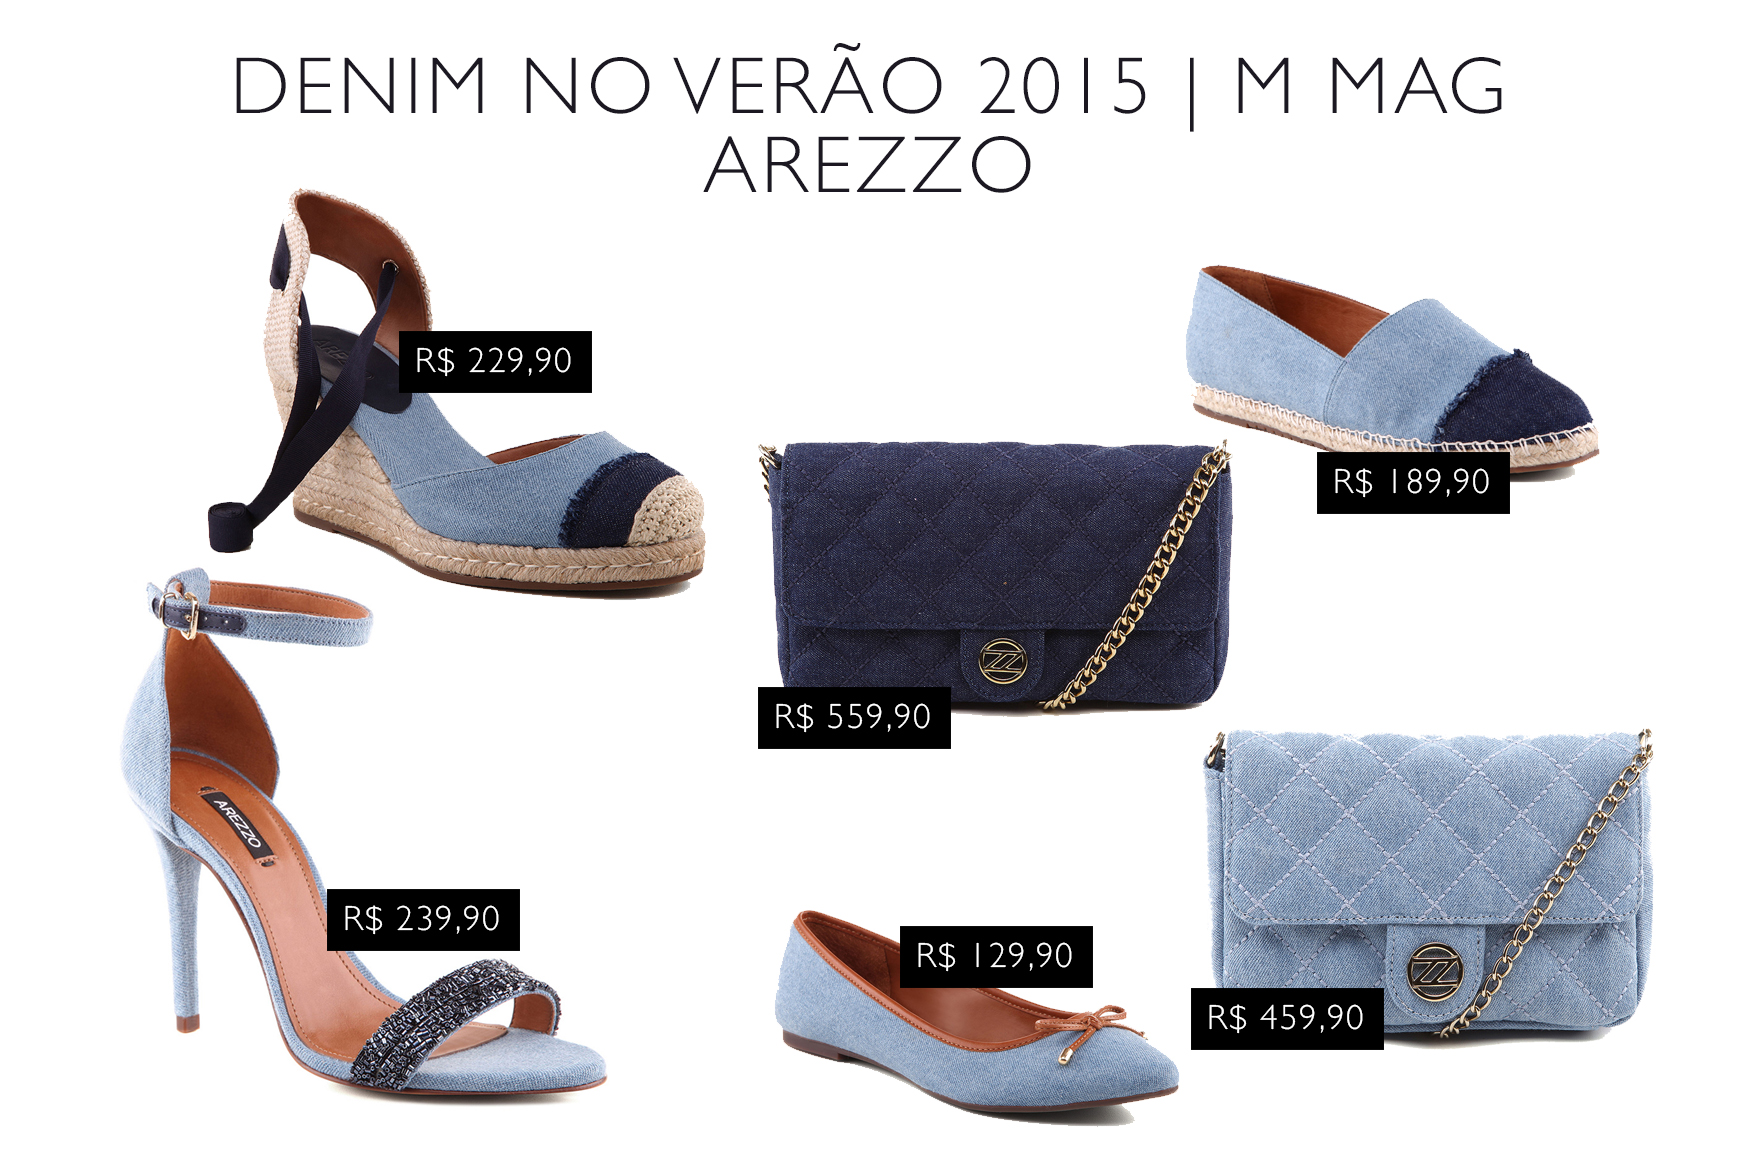 A Arezzo é uma das marcas que está apostando nessa tendência, são espadrilhes, alpargatas, sapatilhas e bolsas que chegam em jeans para variar entre os